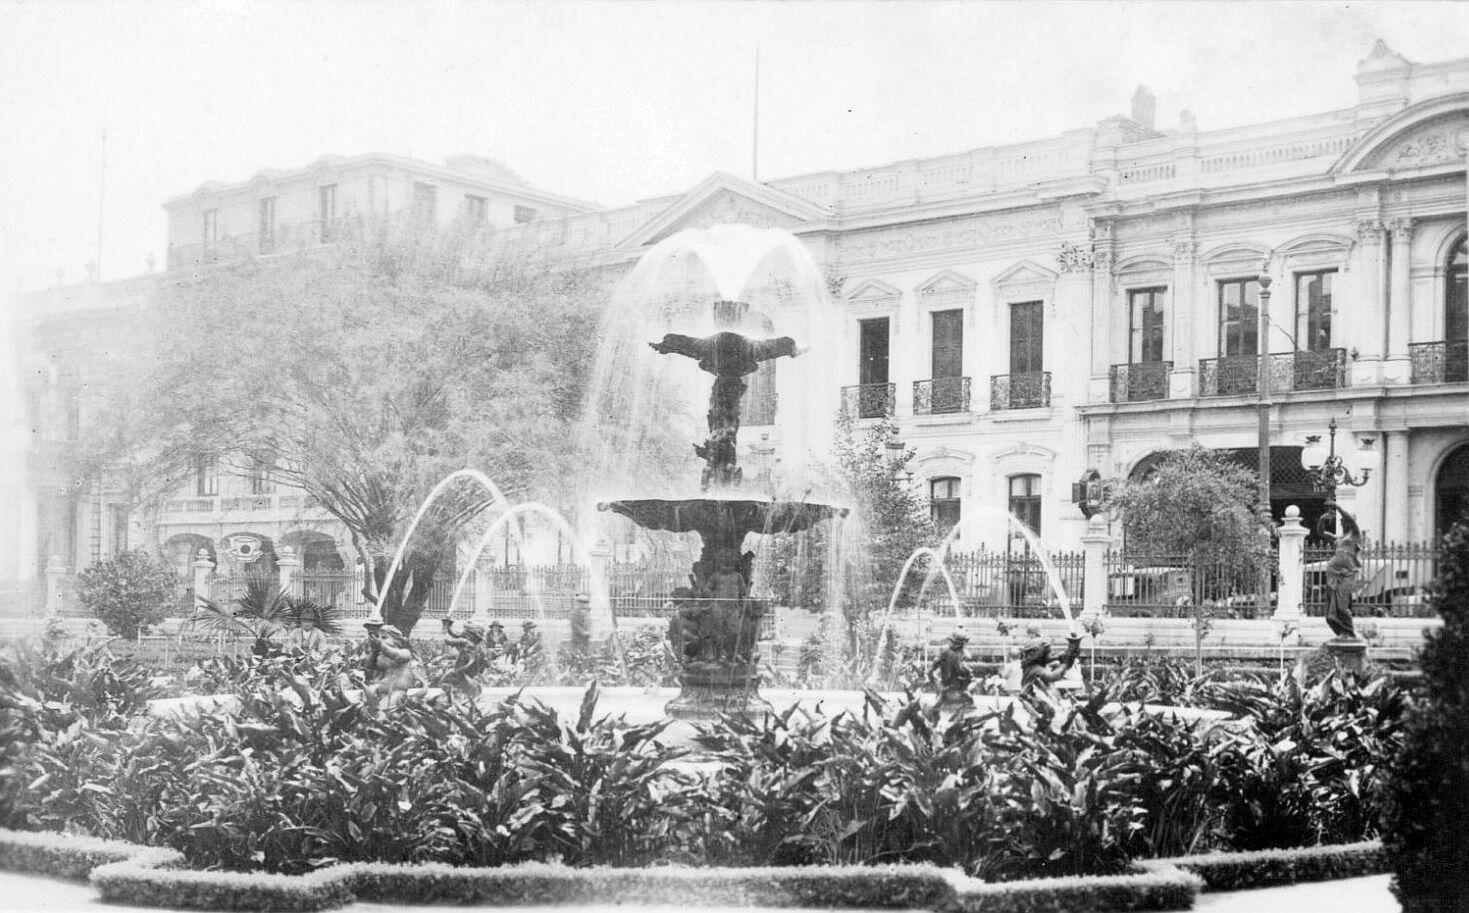 Jardines y pileta del Congreso Nacional de Santiago en el año 1910. @EnTerrenoChile @santiagoadicto @ramonllao @purb http://t.co/Qvs2L8BDH4